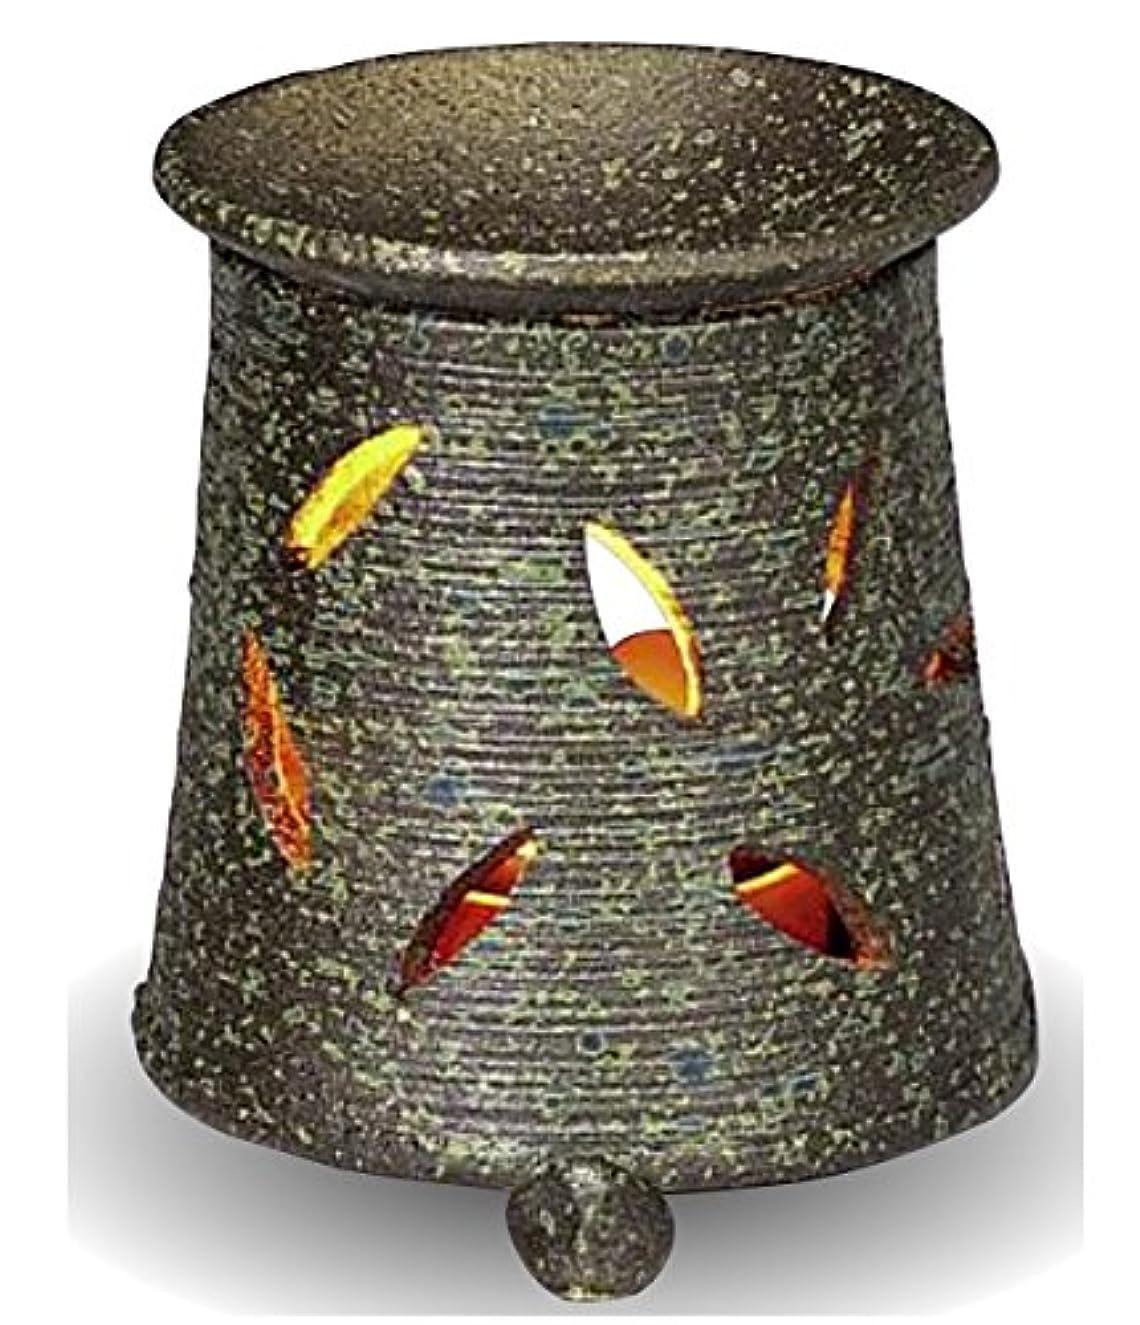 意見のぞき穴忠実な常滑焼 茶香炉(アロマポット)径9.5×高さ10.5cm